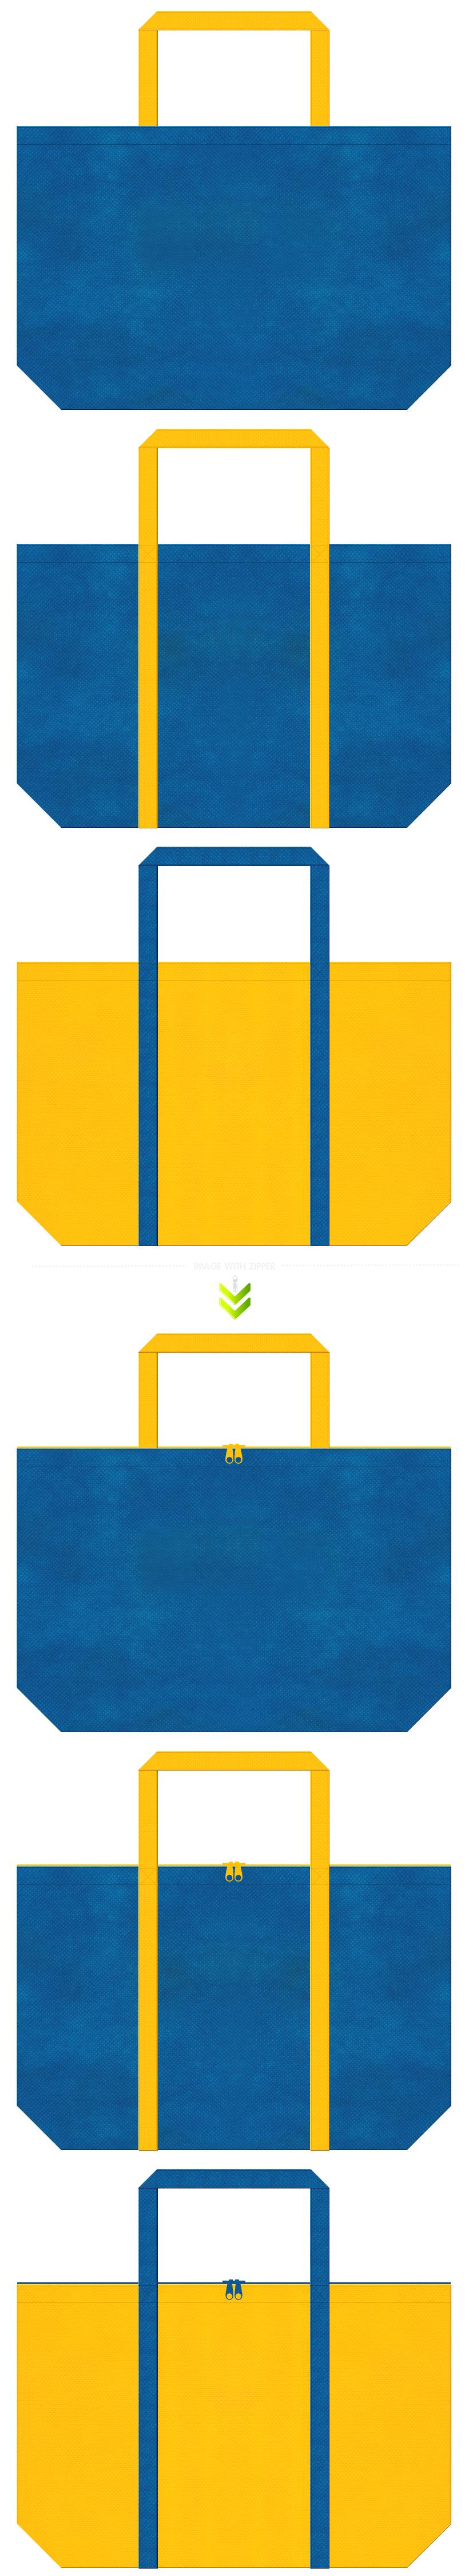 テーマパーク・ロボット・ラジコン・パズル・キッズイベント・ゲームの展示会用バッグ・おもちゃのショッピングバッグにお奨めの不織布バッグデザイン:青色と黄色のコーデ